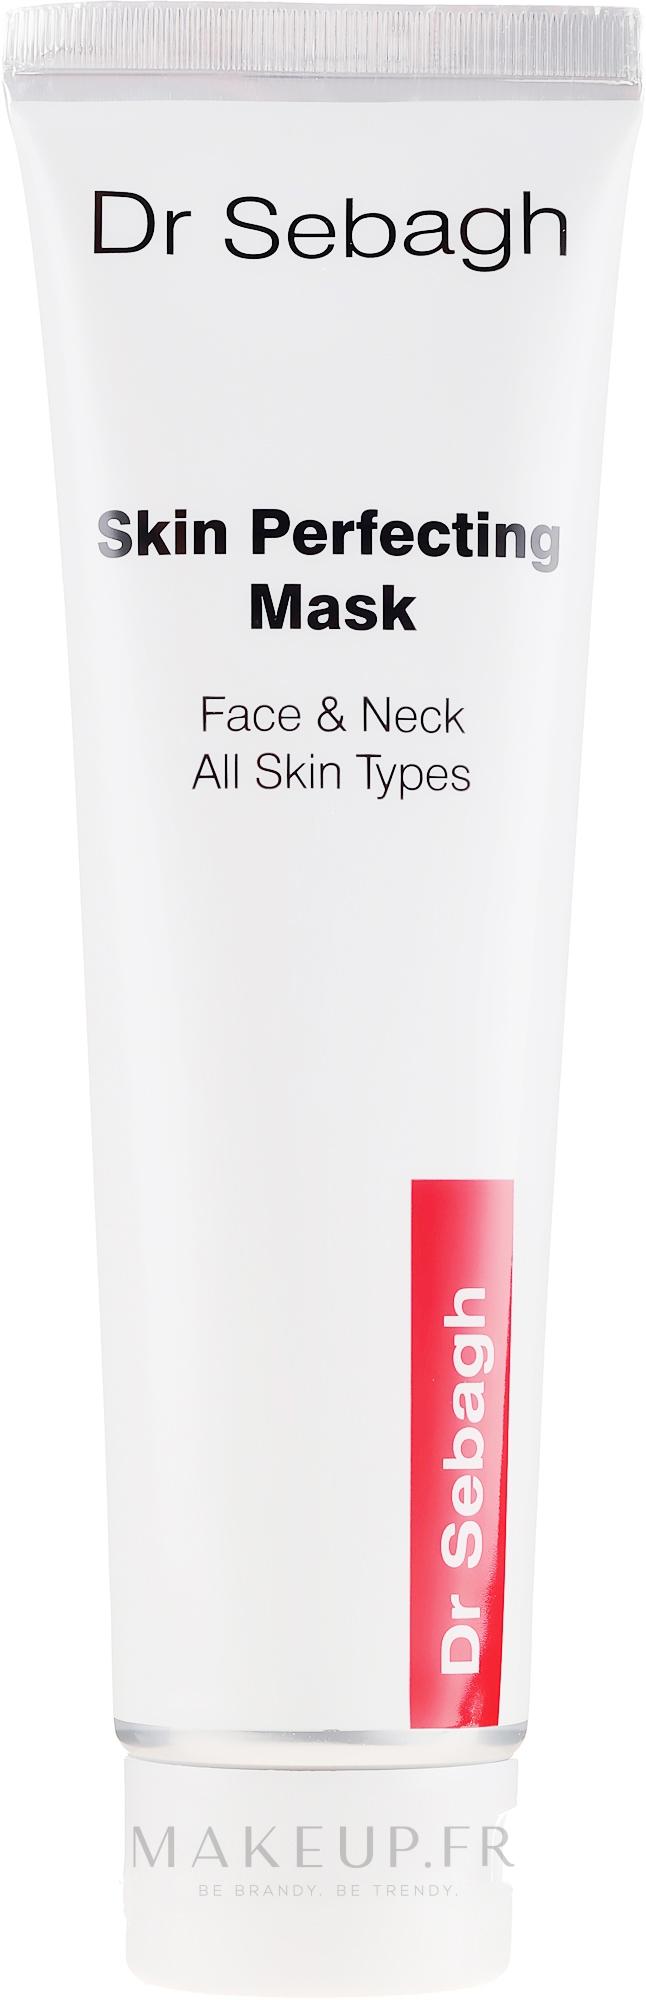 Masque sublimateur de teint pour visage et cou - Dr Sebagh ...